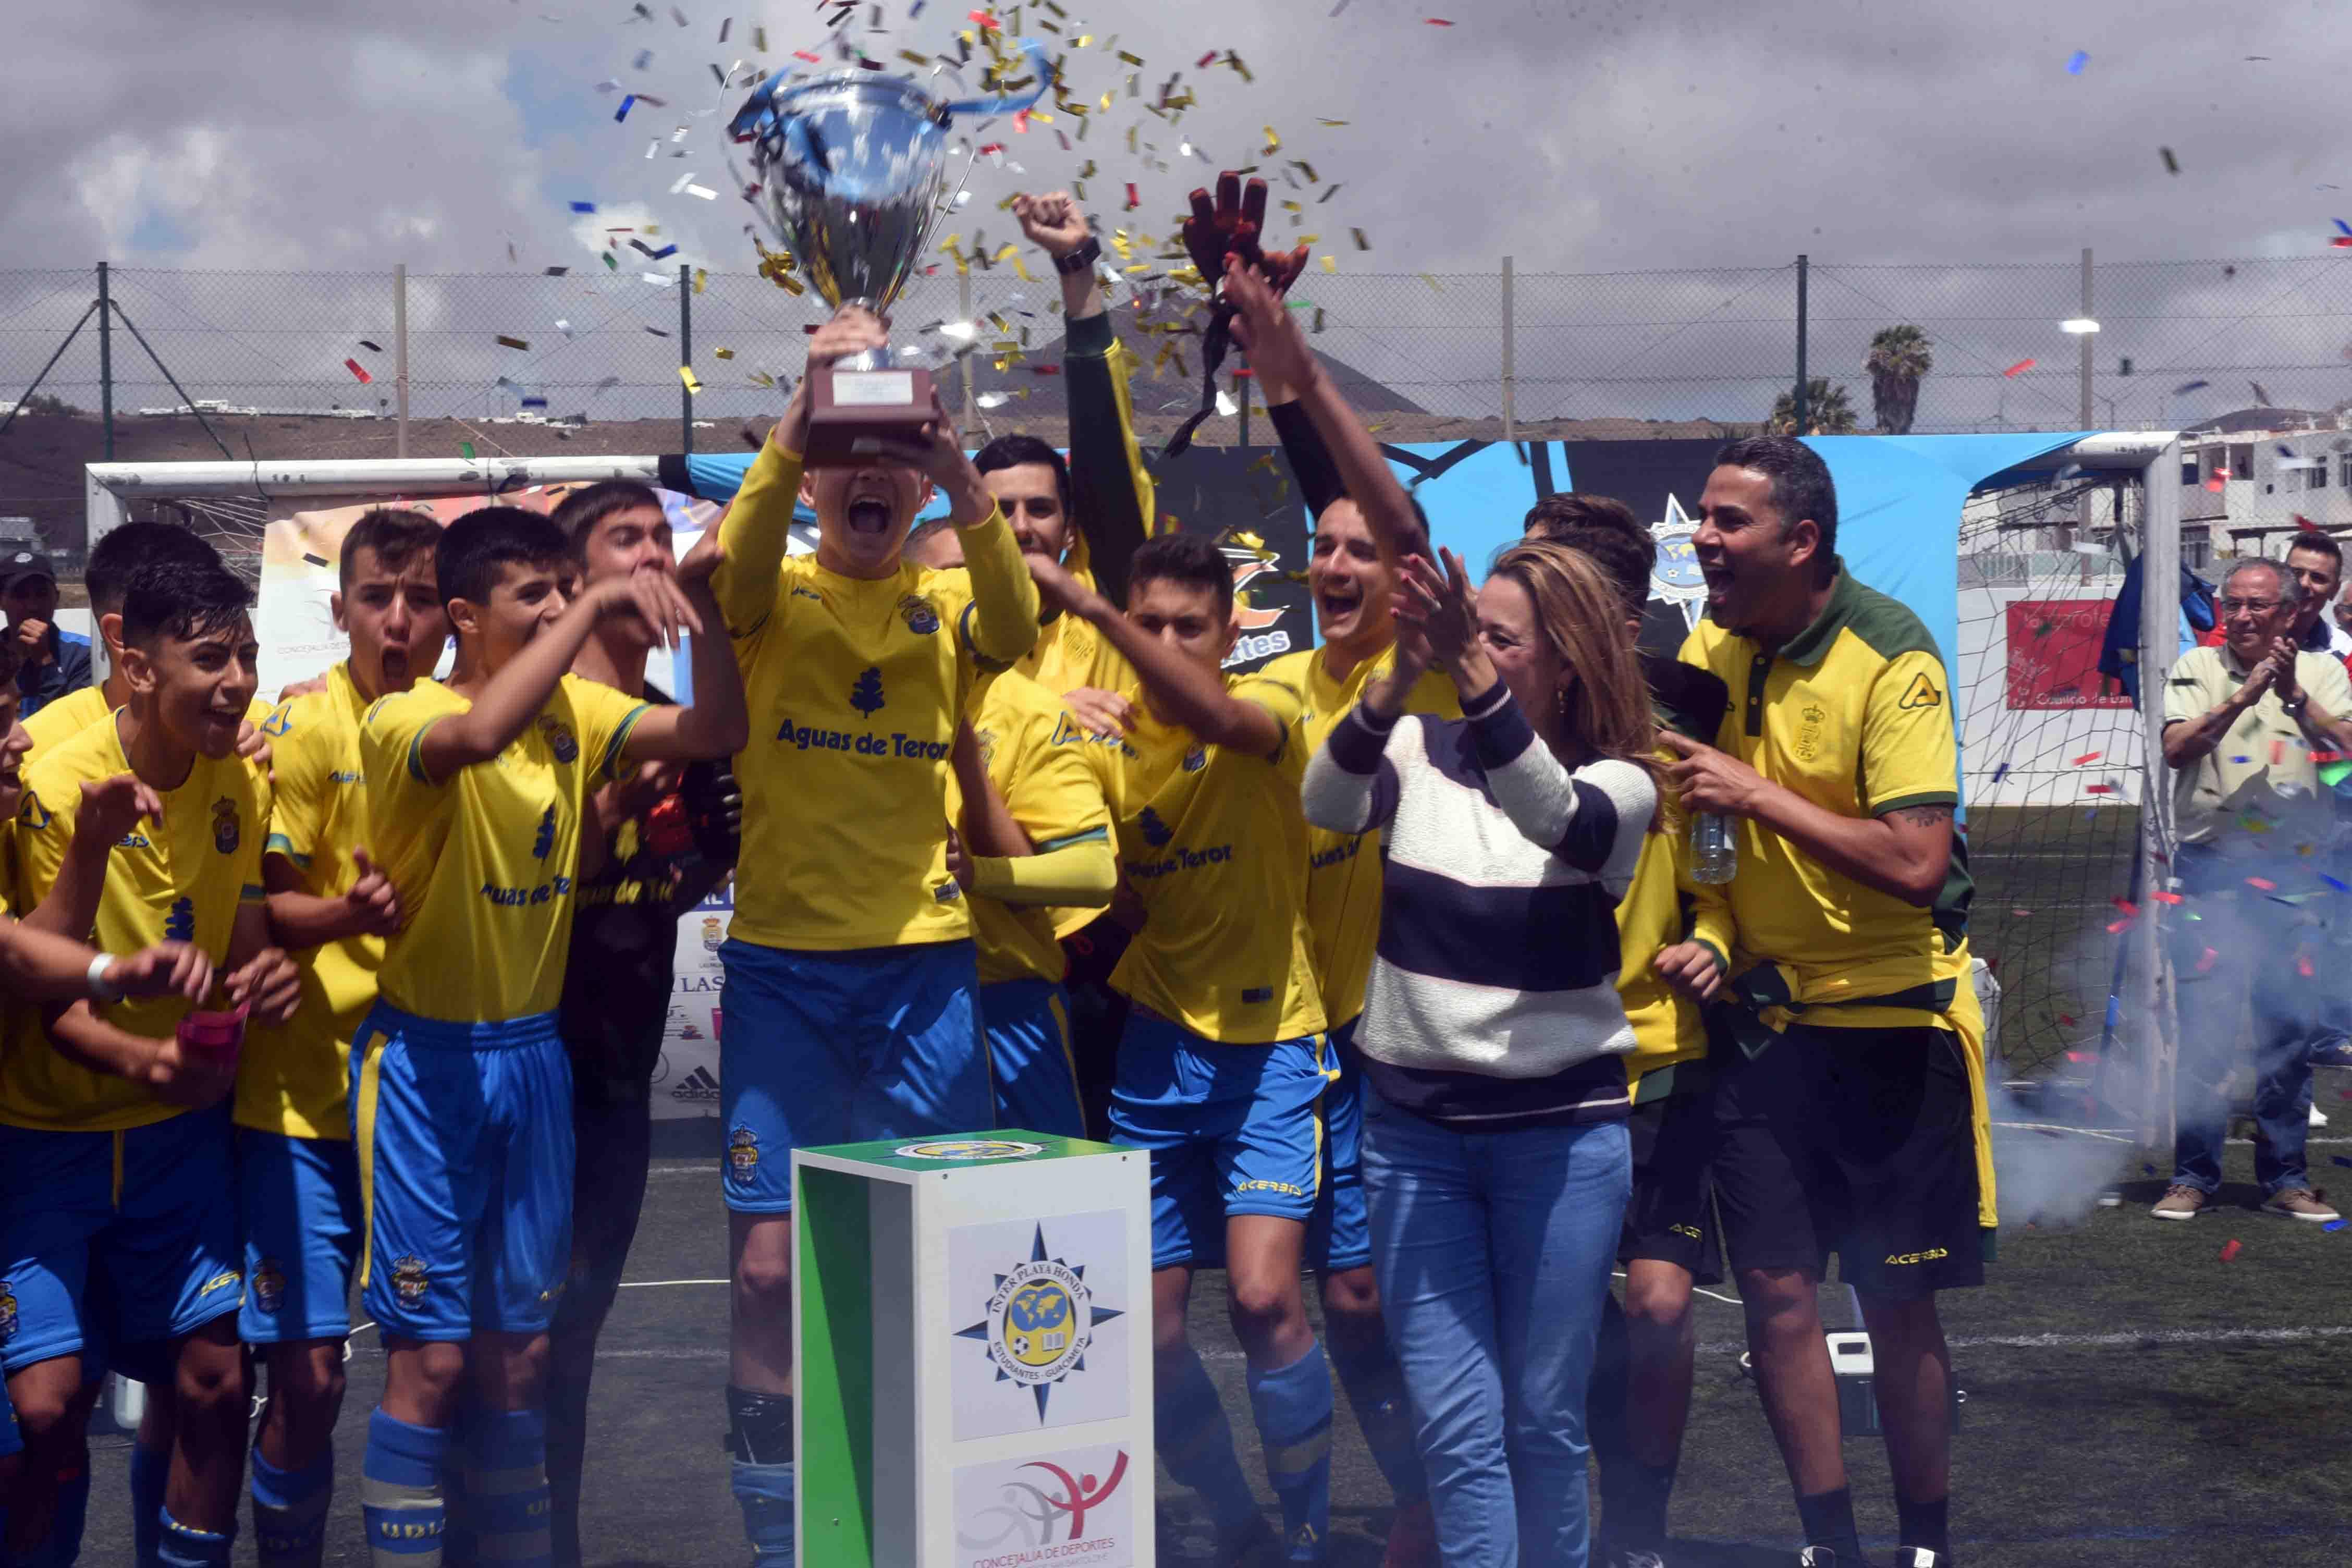 La UD Las Palmas gana el 'II Torneo Cadete de Fútbol de San Bartolomé'